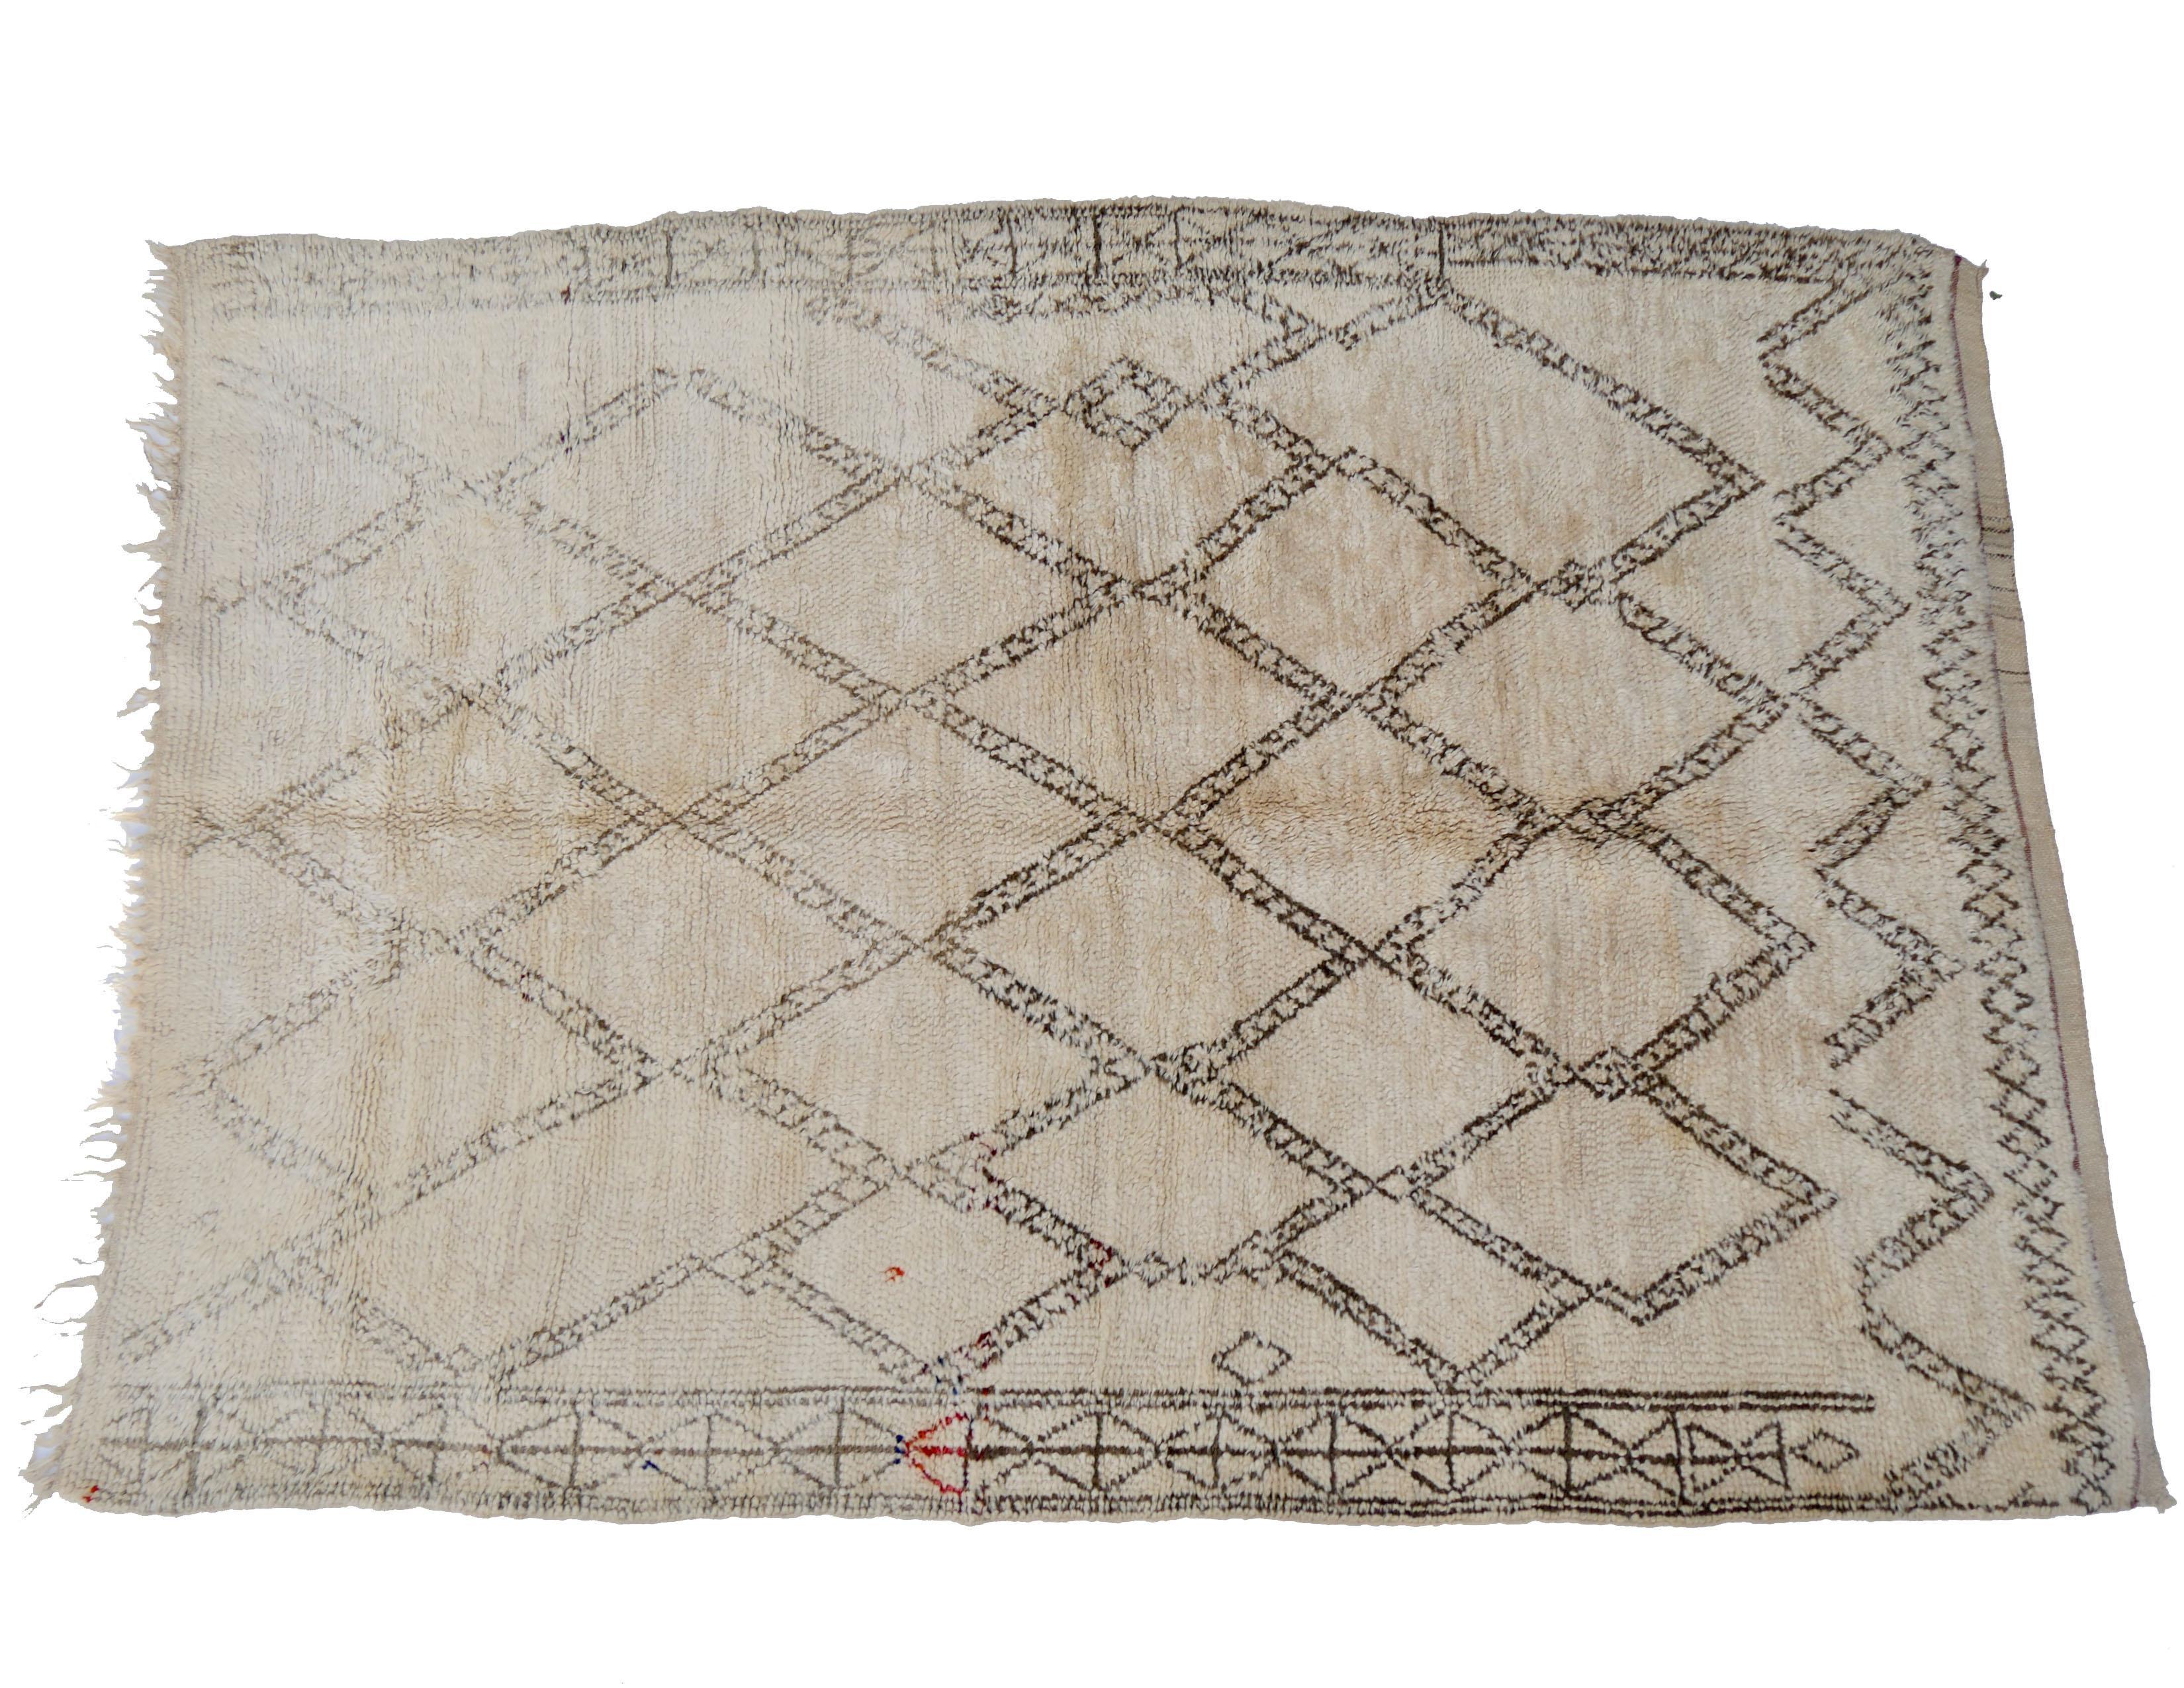 Verrassend Vintage Moroccan Beni Ourain Rug | Chairish ZL-59